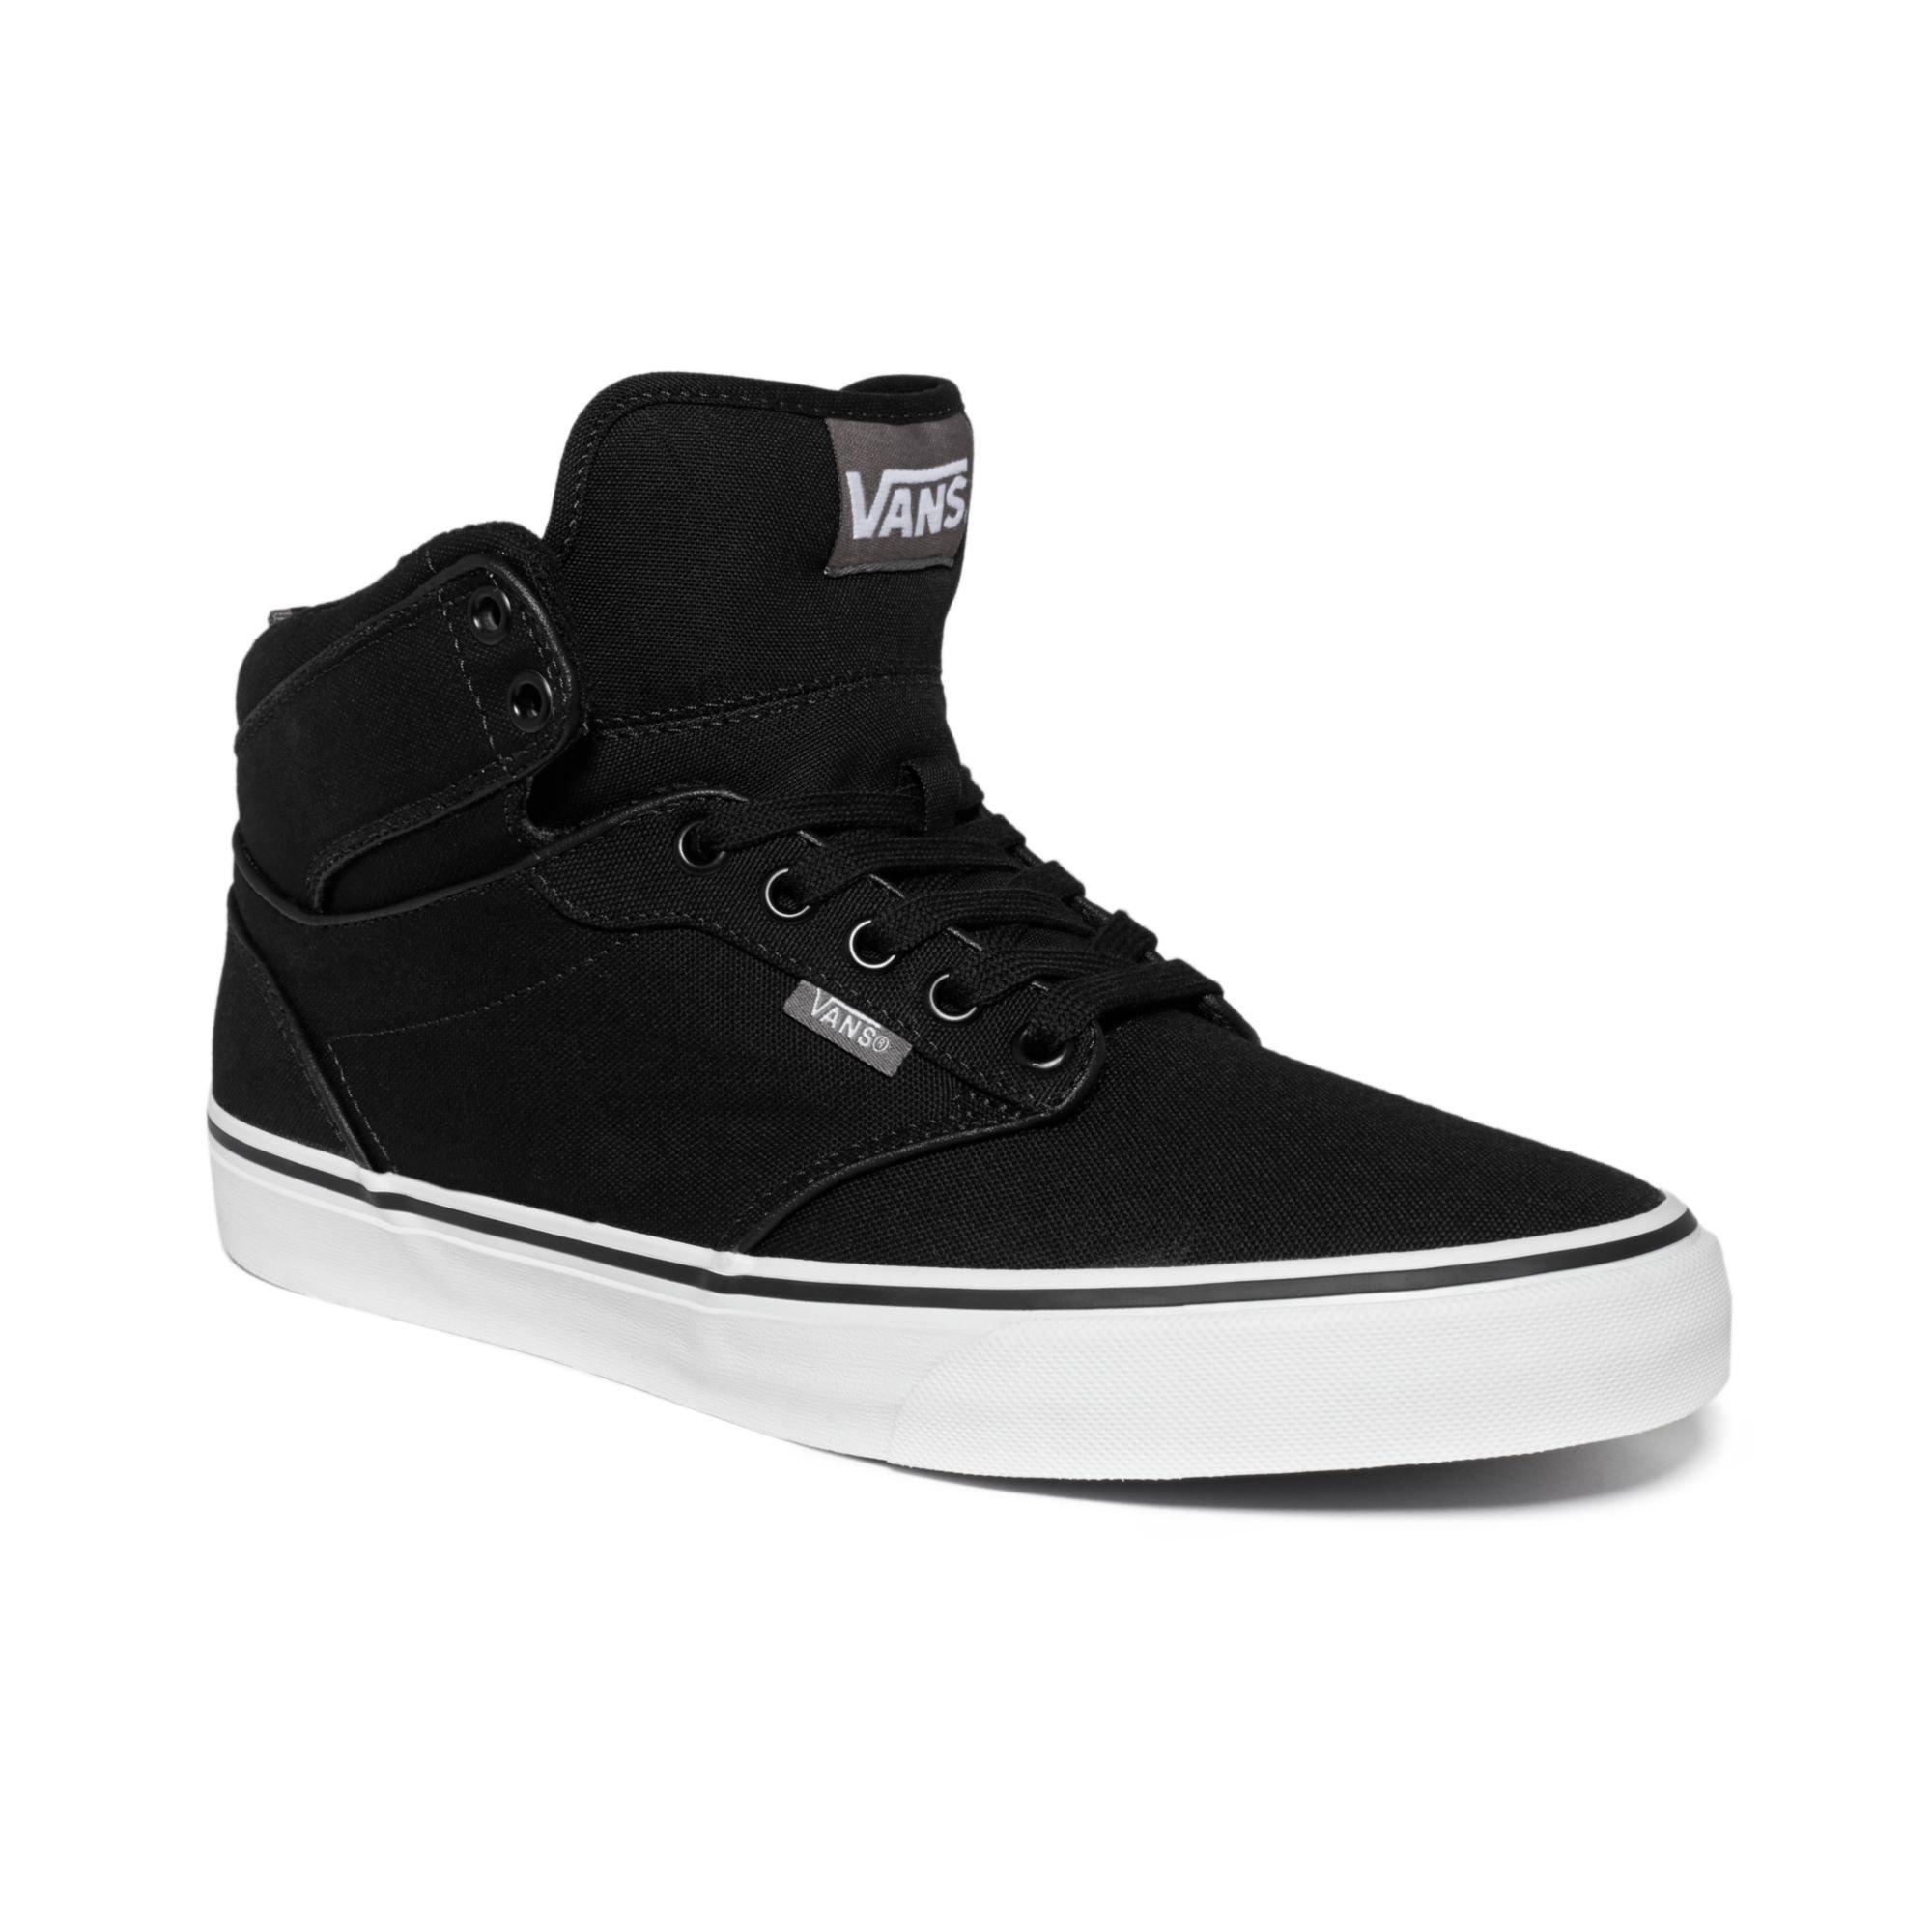 vans atwood hi sneakers in black for men lyst. Black Bedroom Furniture Sets. Home Design Ideas